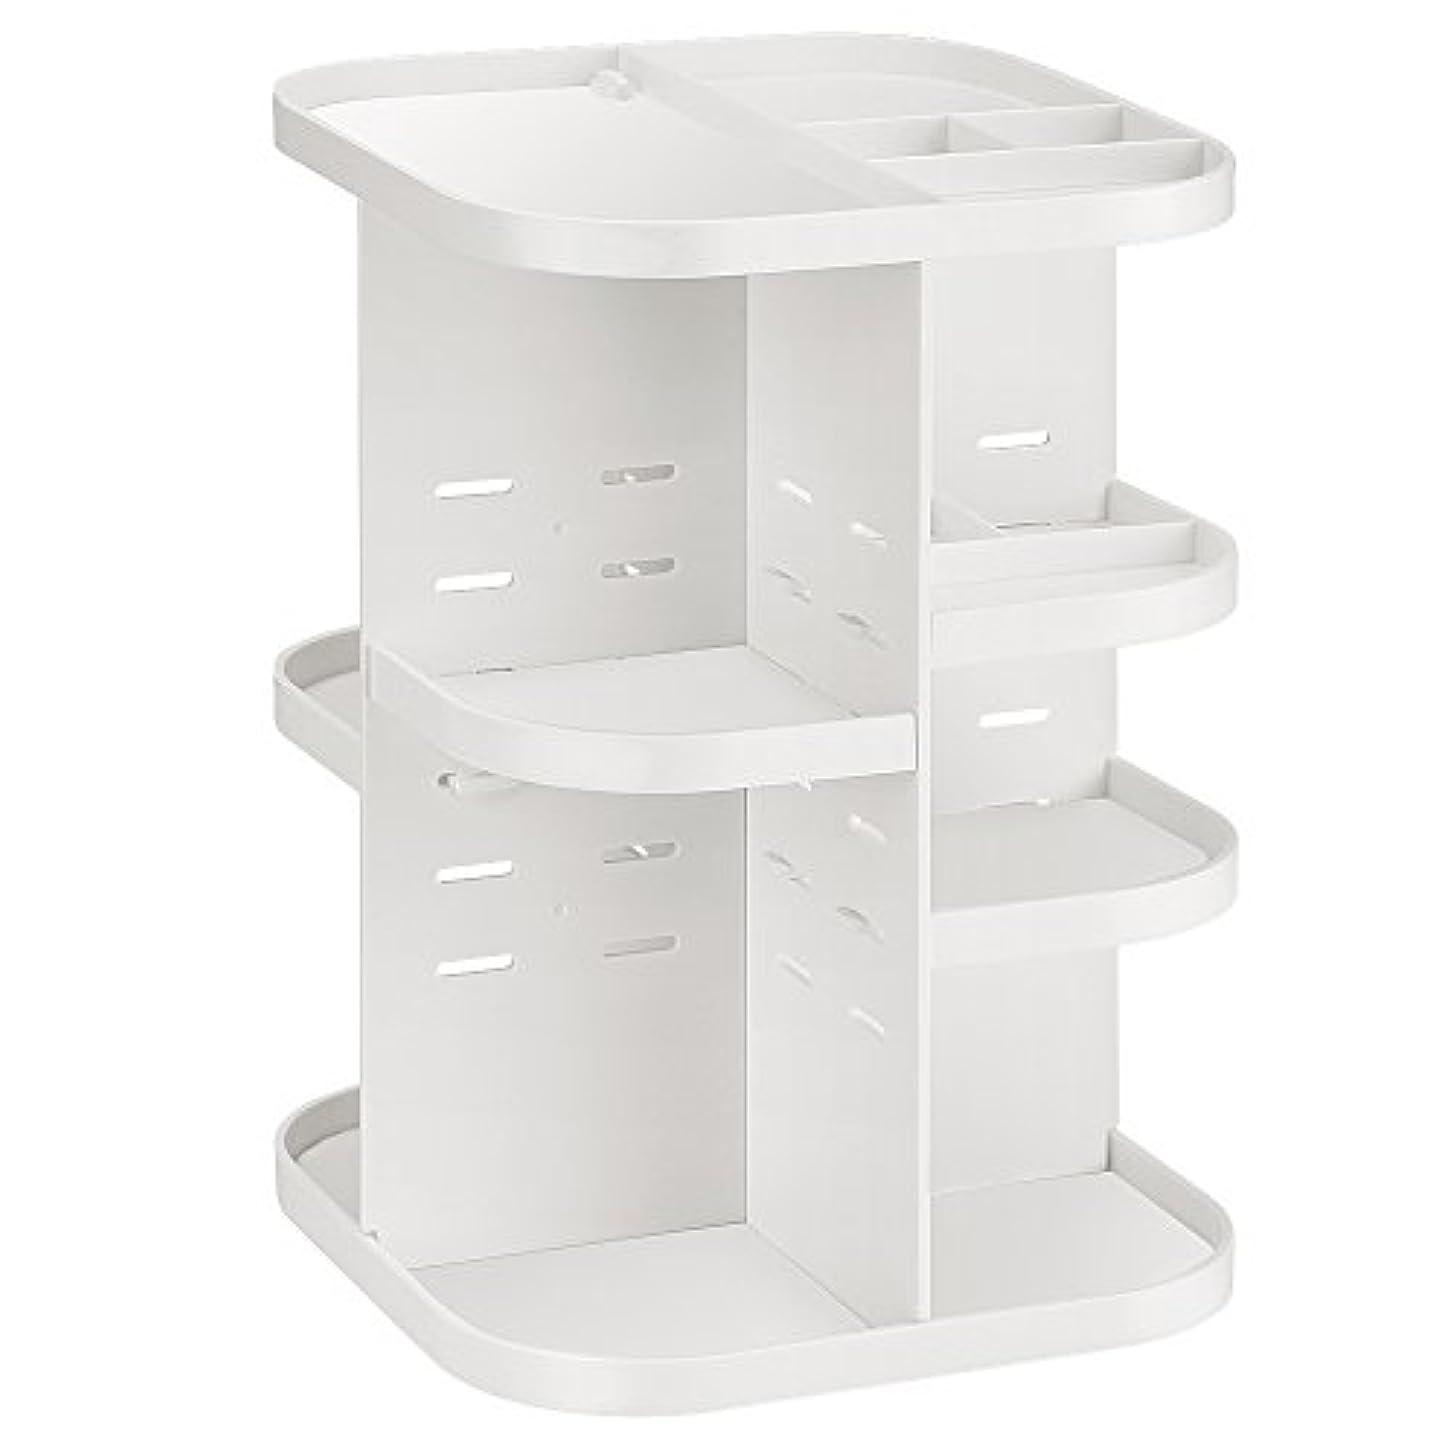 浸透する脇に公平KEDSUM コスメ収納ボックス メイクボックス 360度回転式 調節可能 コンパクト 化粧品収納スタンド メイクスタンド ホワイト (日本語組立説明書付き)